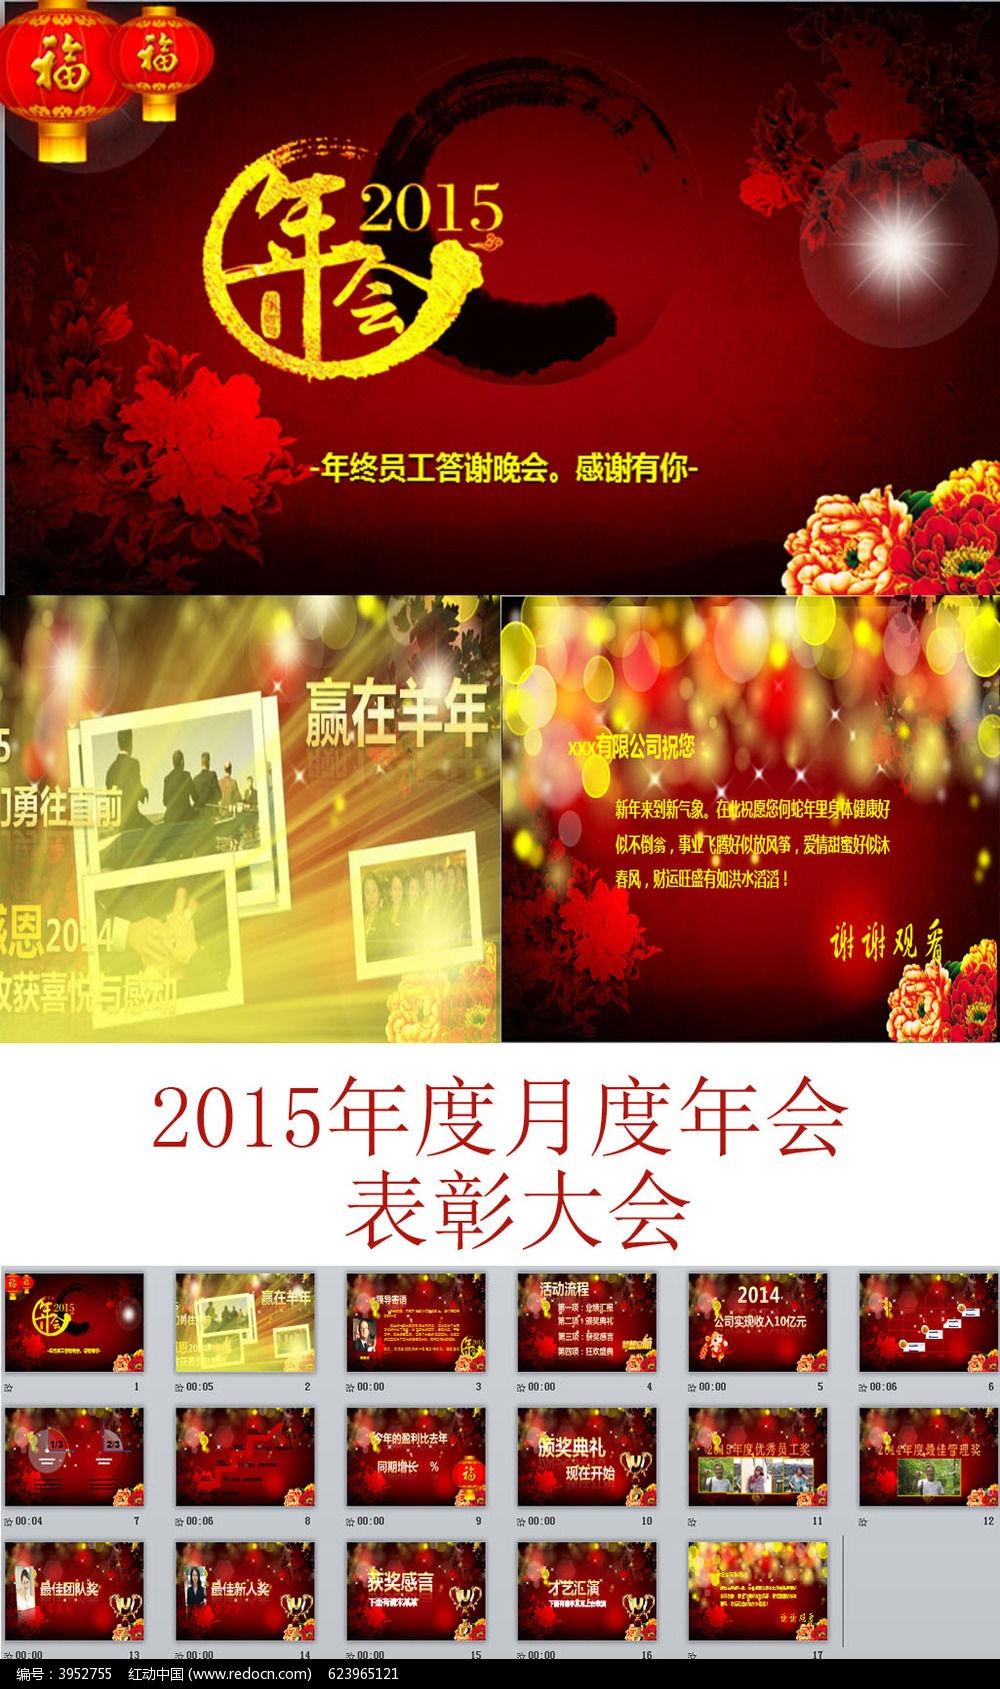 2015年会羊年颁奖ppt ppt模板 ppt背景图片图片素材